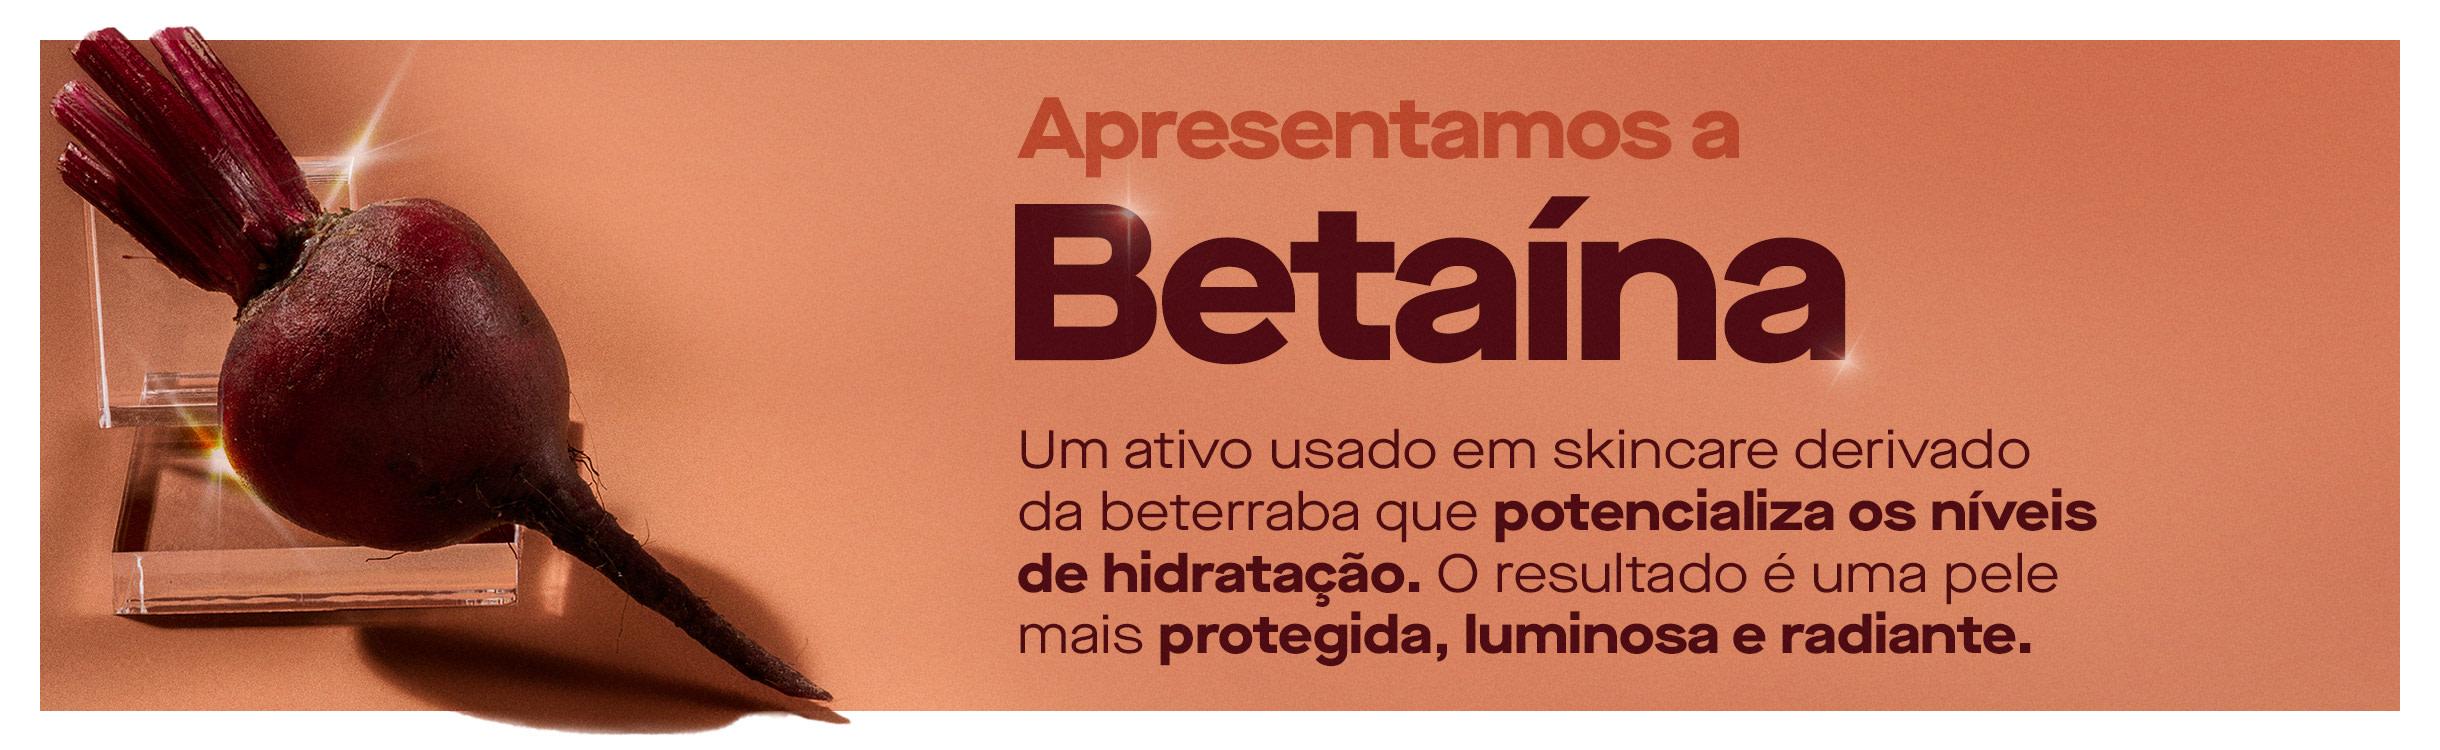 Betaína